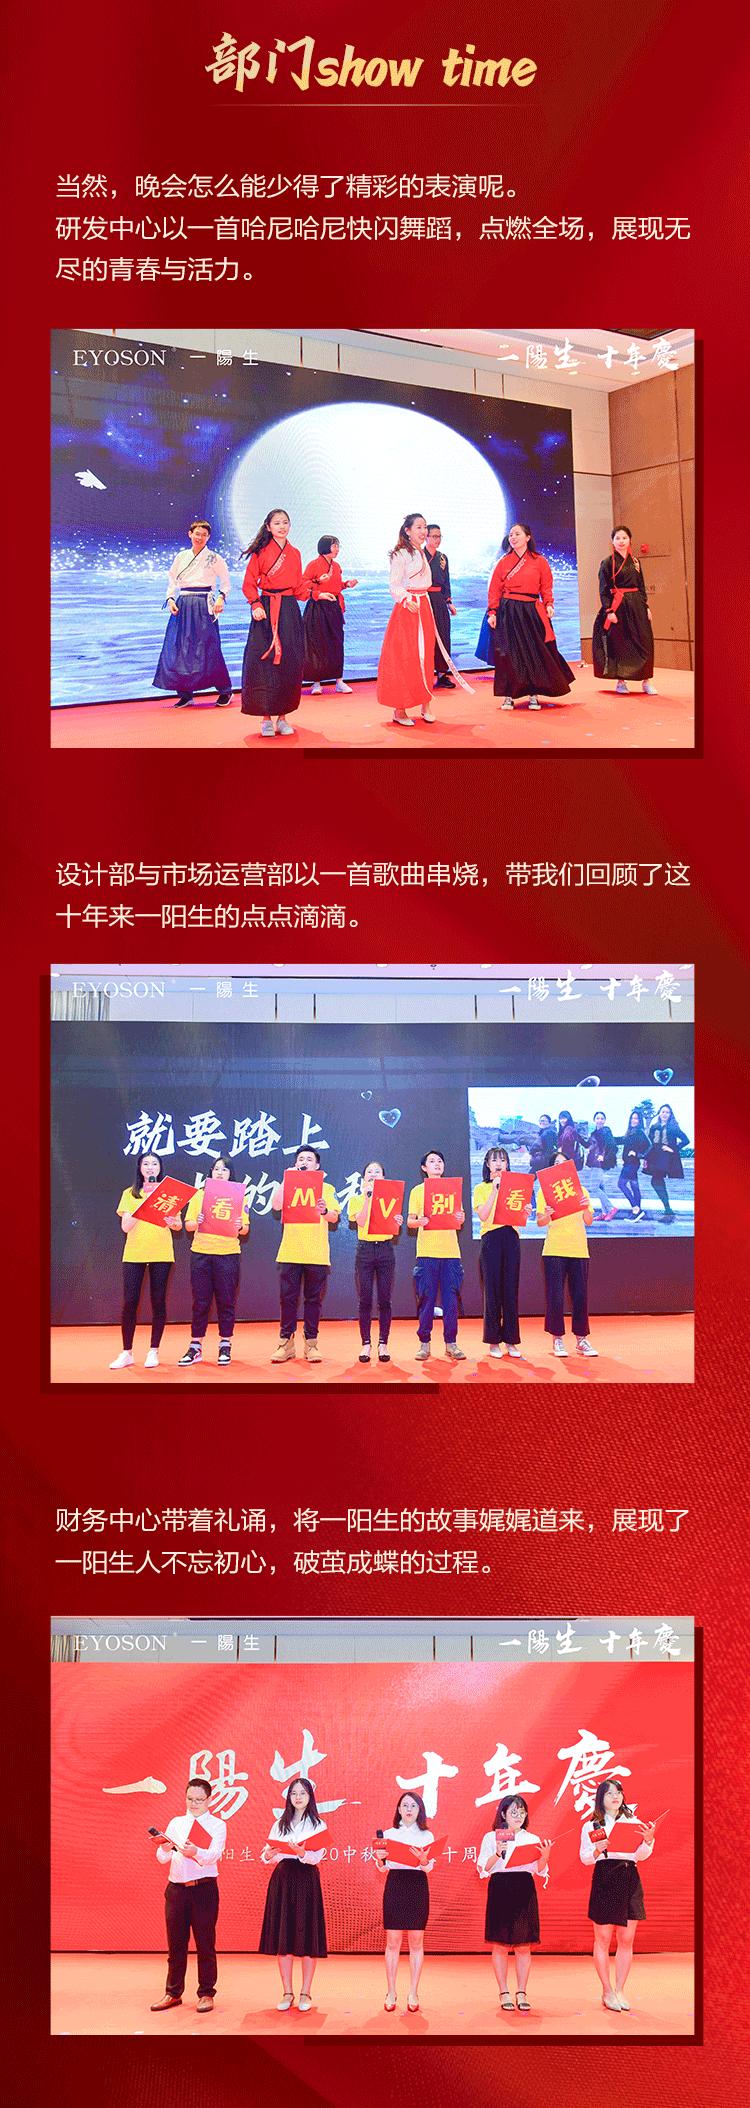 中秋晚会各部门节目表演、才艺展示(1)